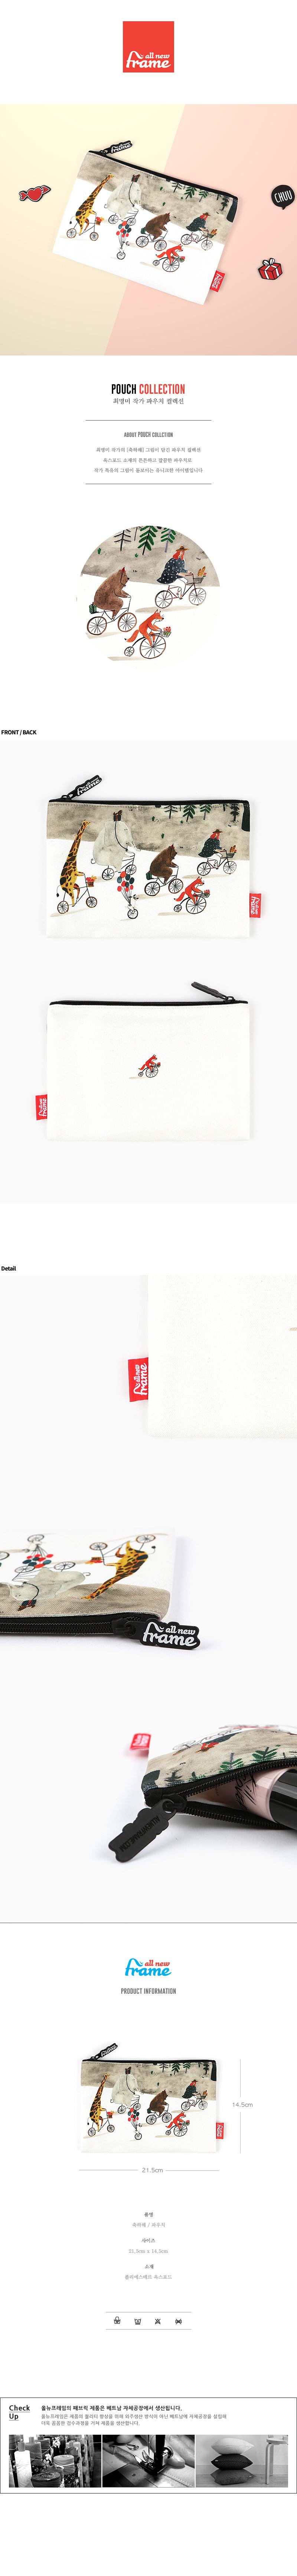 (파우치) 축하해 - 올뉴프레임, 8,500원, 다용도파우치, 지퍼형